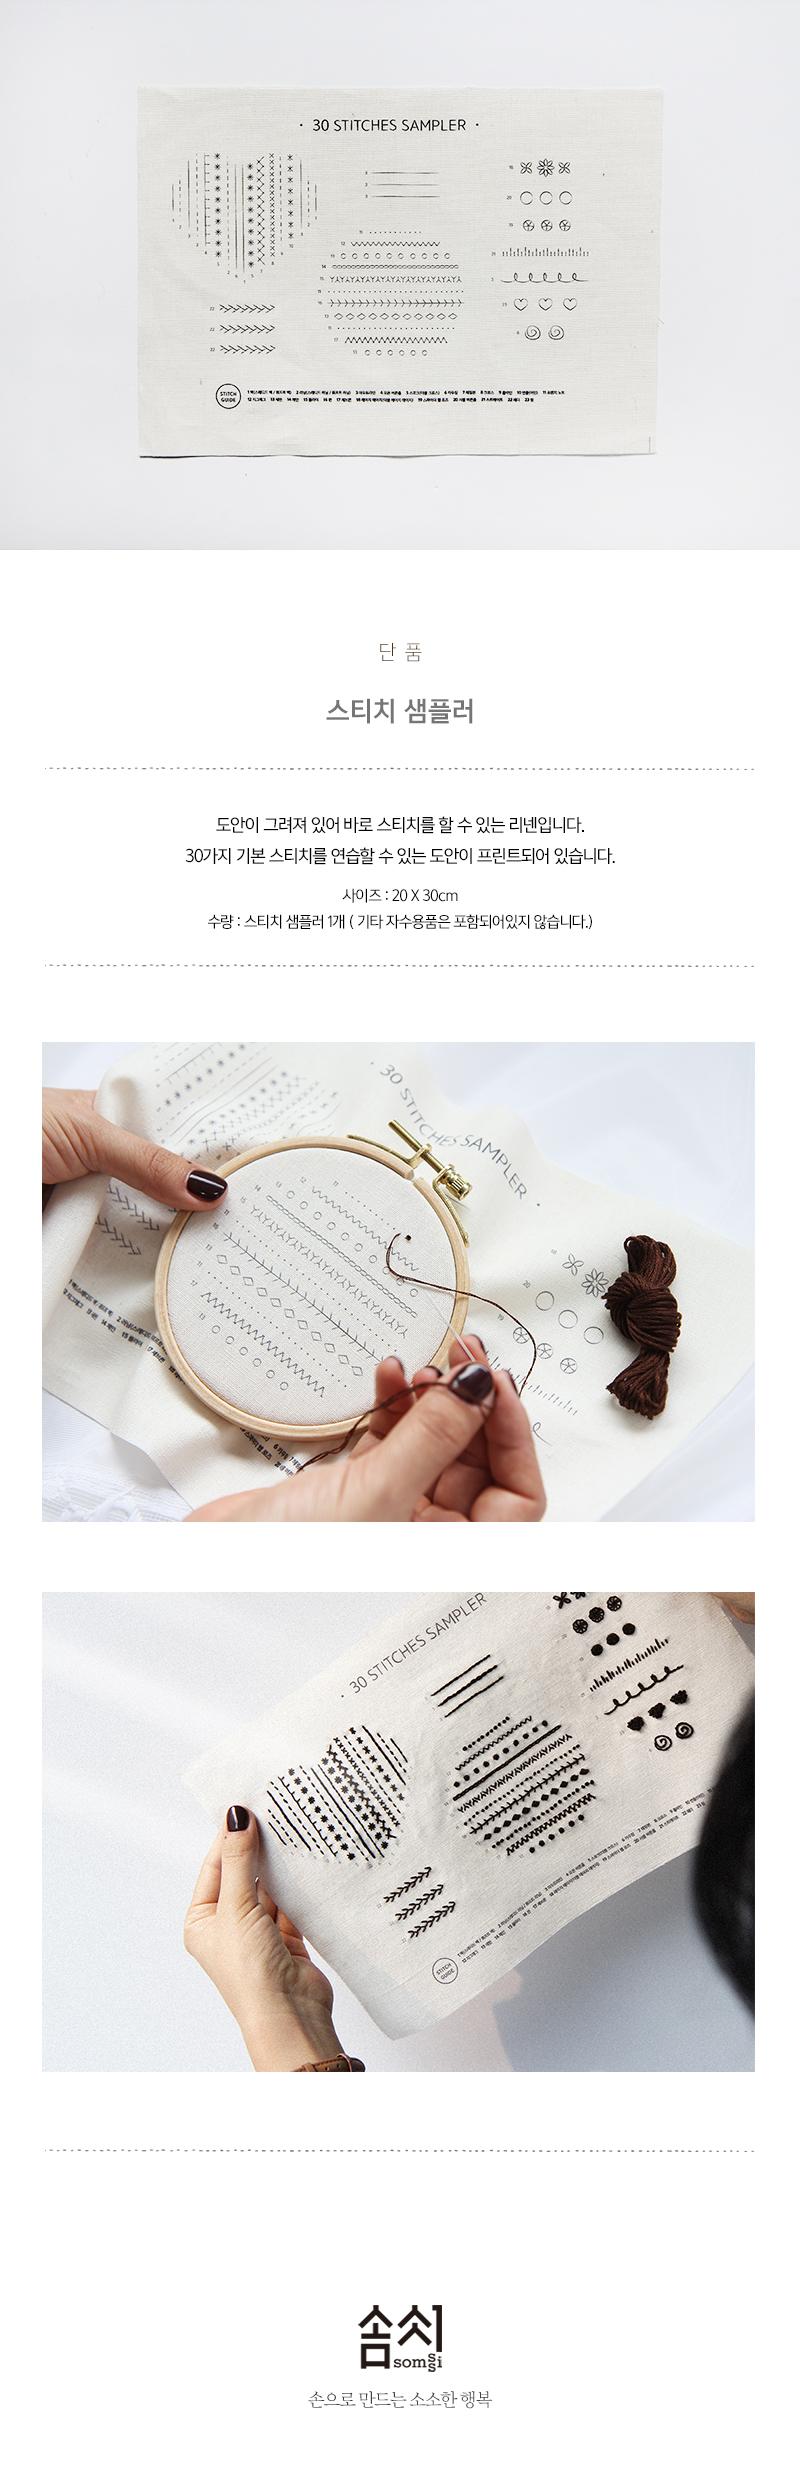 솜씨 스티치 샘플러(인쇄 원단) - 솜씨컴퍼니, 5,000원, 십자수, 십자수 소품 패키지